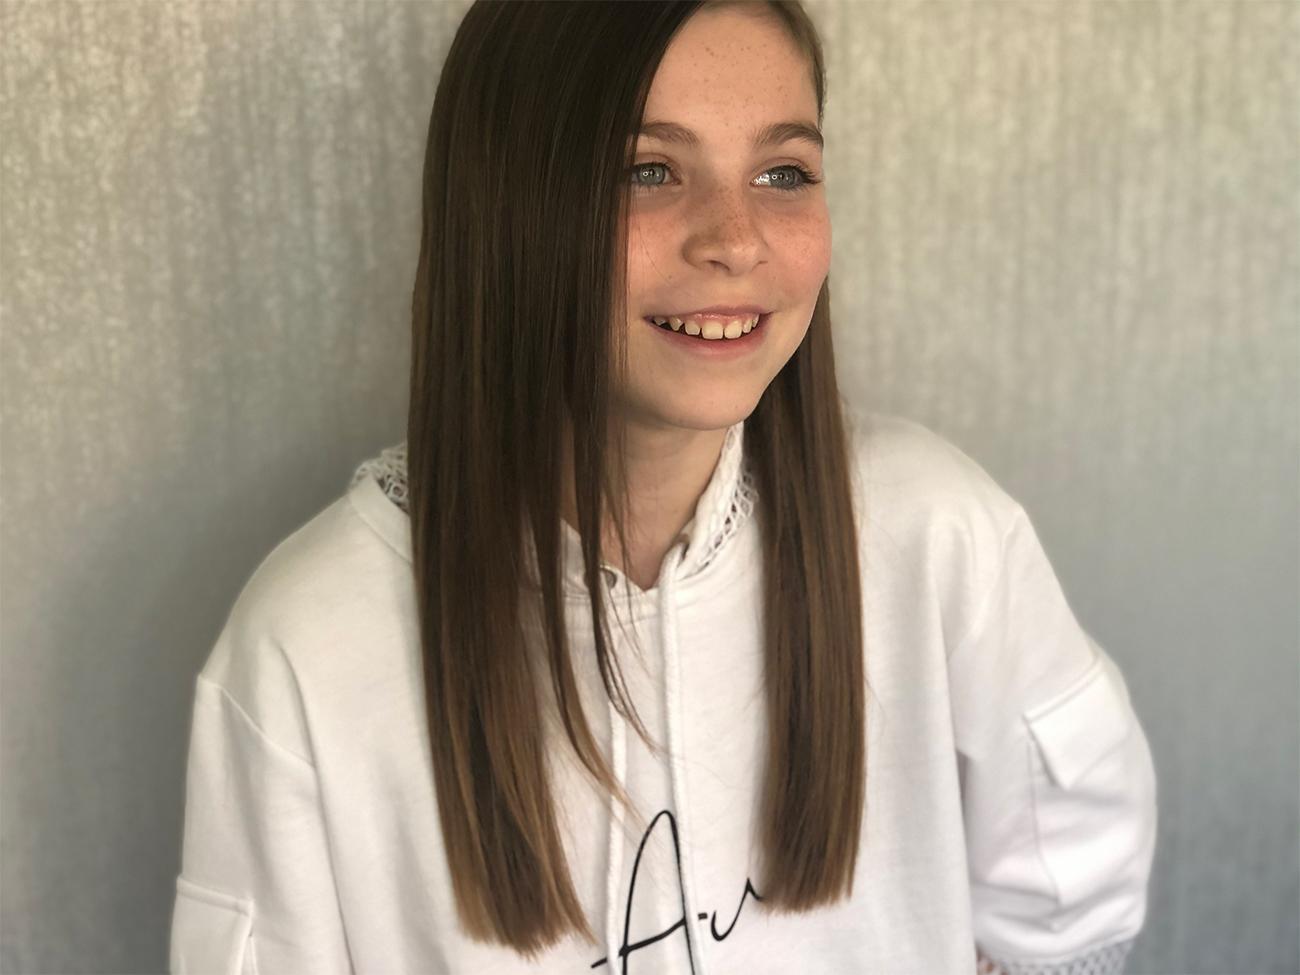 hair-cut-1